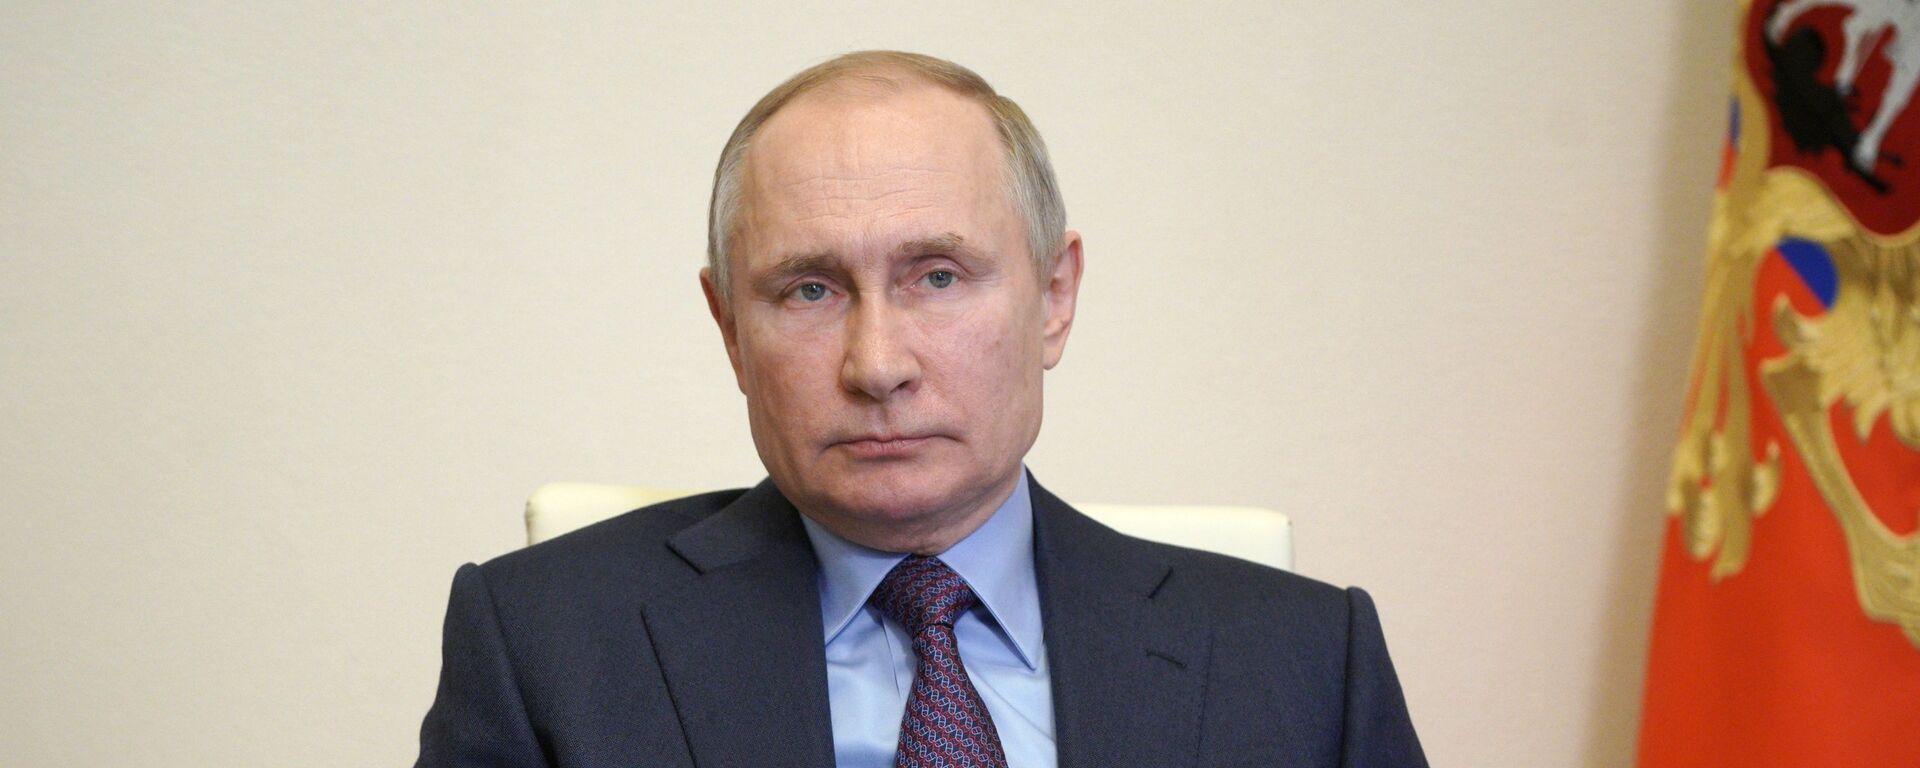 Президент РФ Владимир Путин - Sputnik Latvija, 1920, 28.04.2021